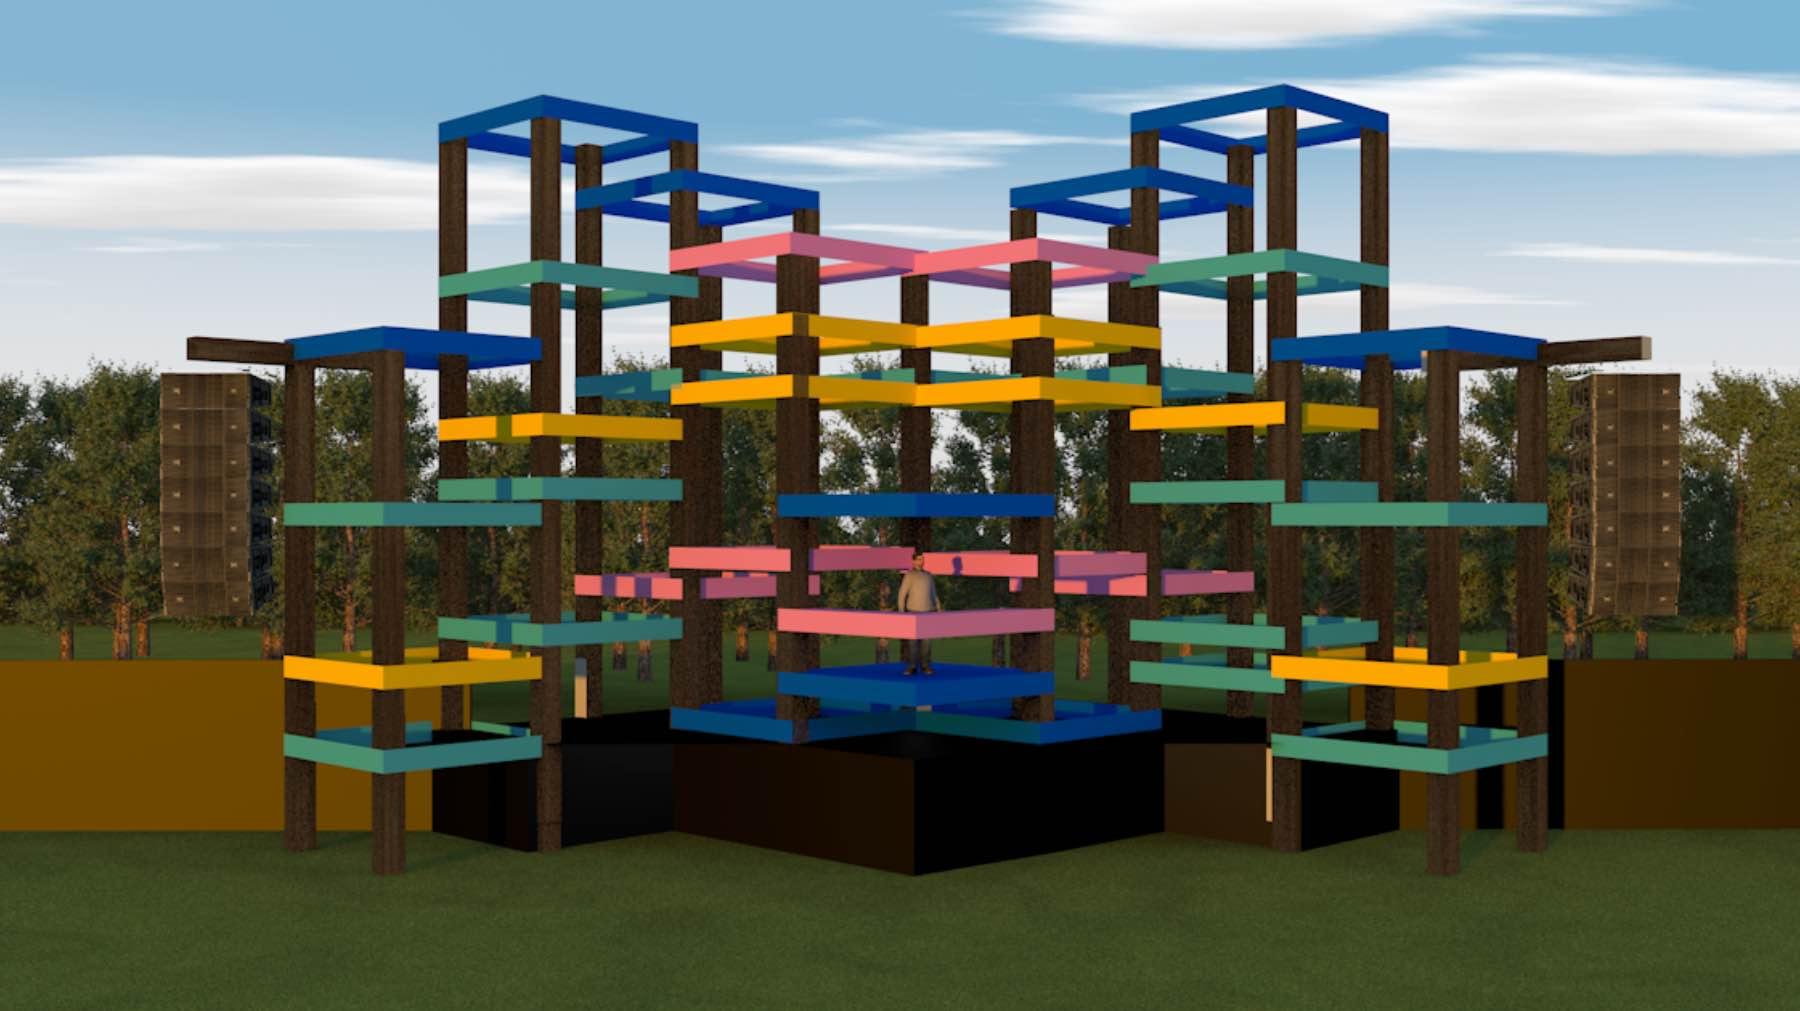 lucid-the-pavilion-2@2x-1